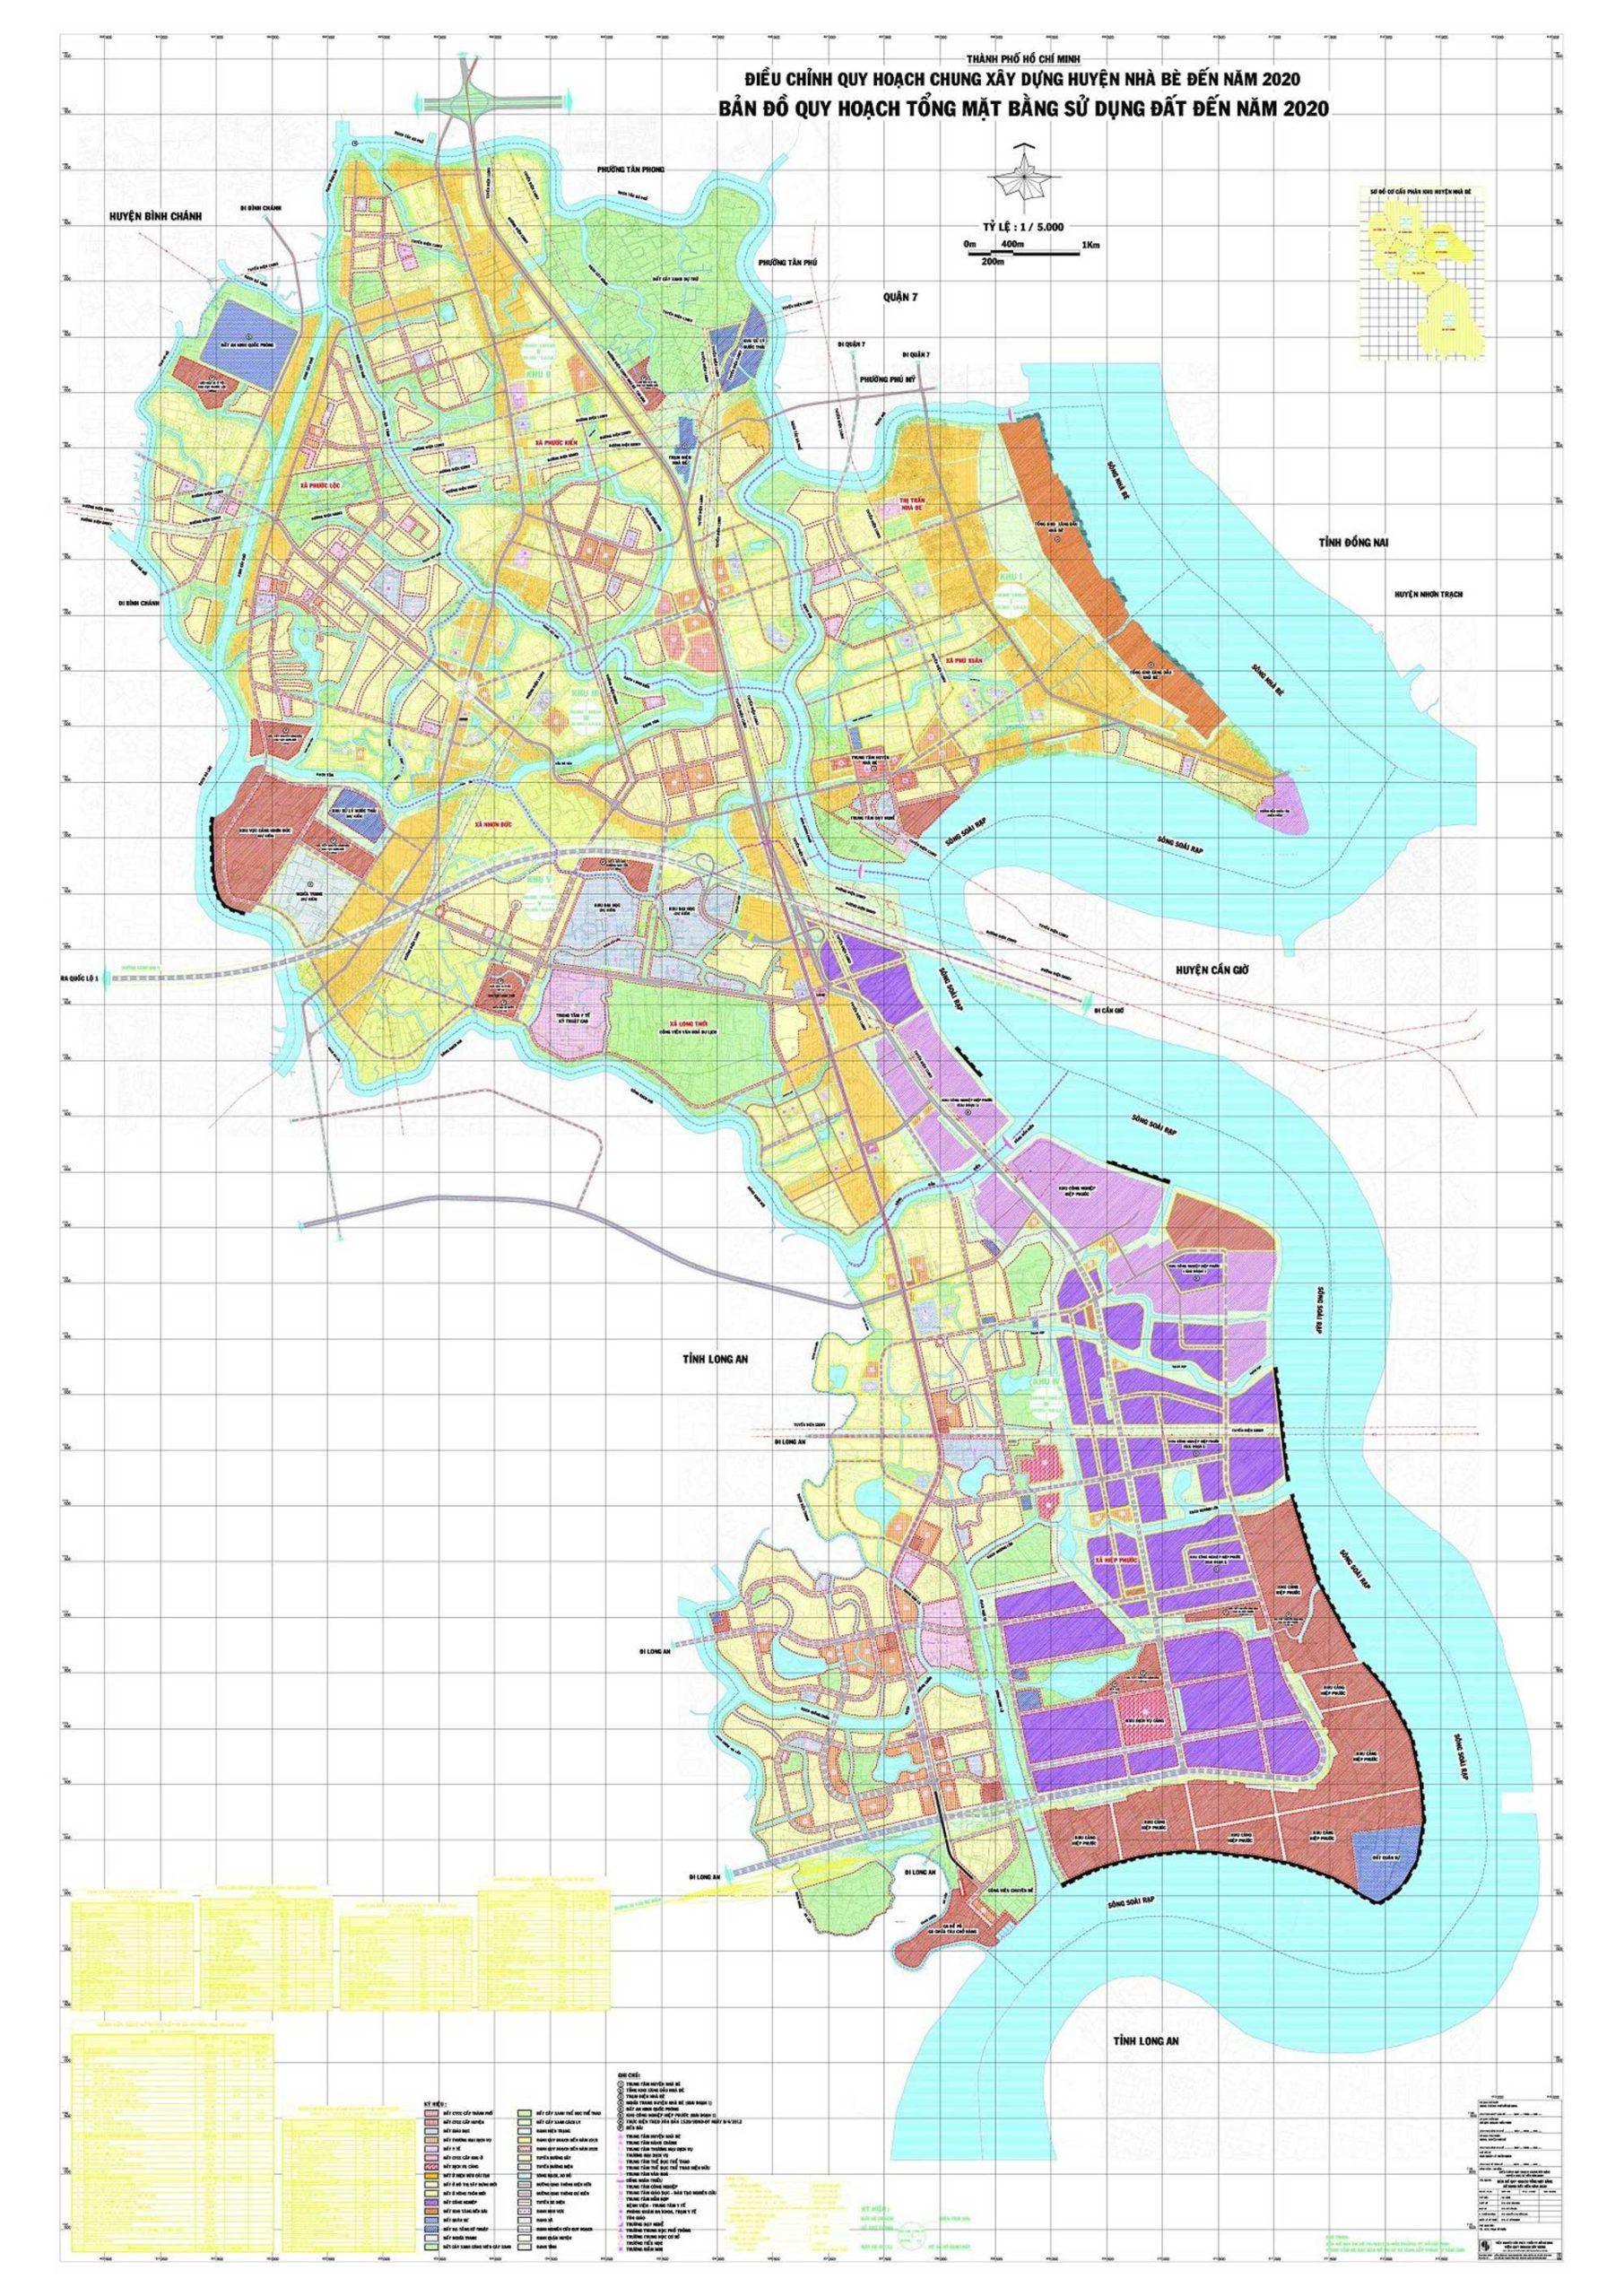 Quy hoạch huyện Nhà Bè giai đoạn 2020, cập nhật quy hoạch mới nhất